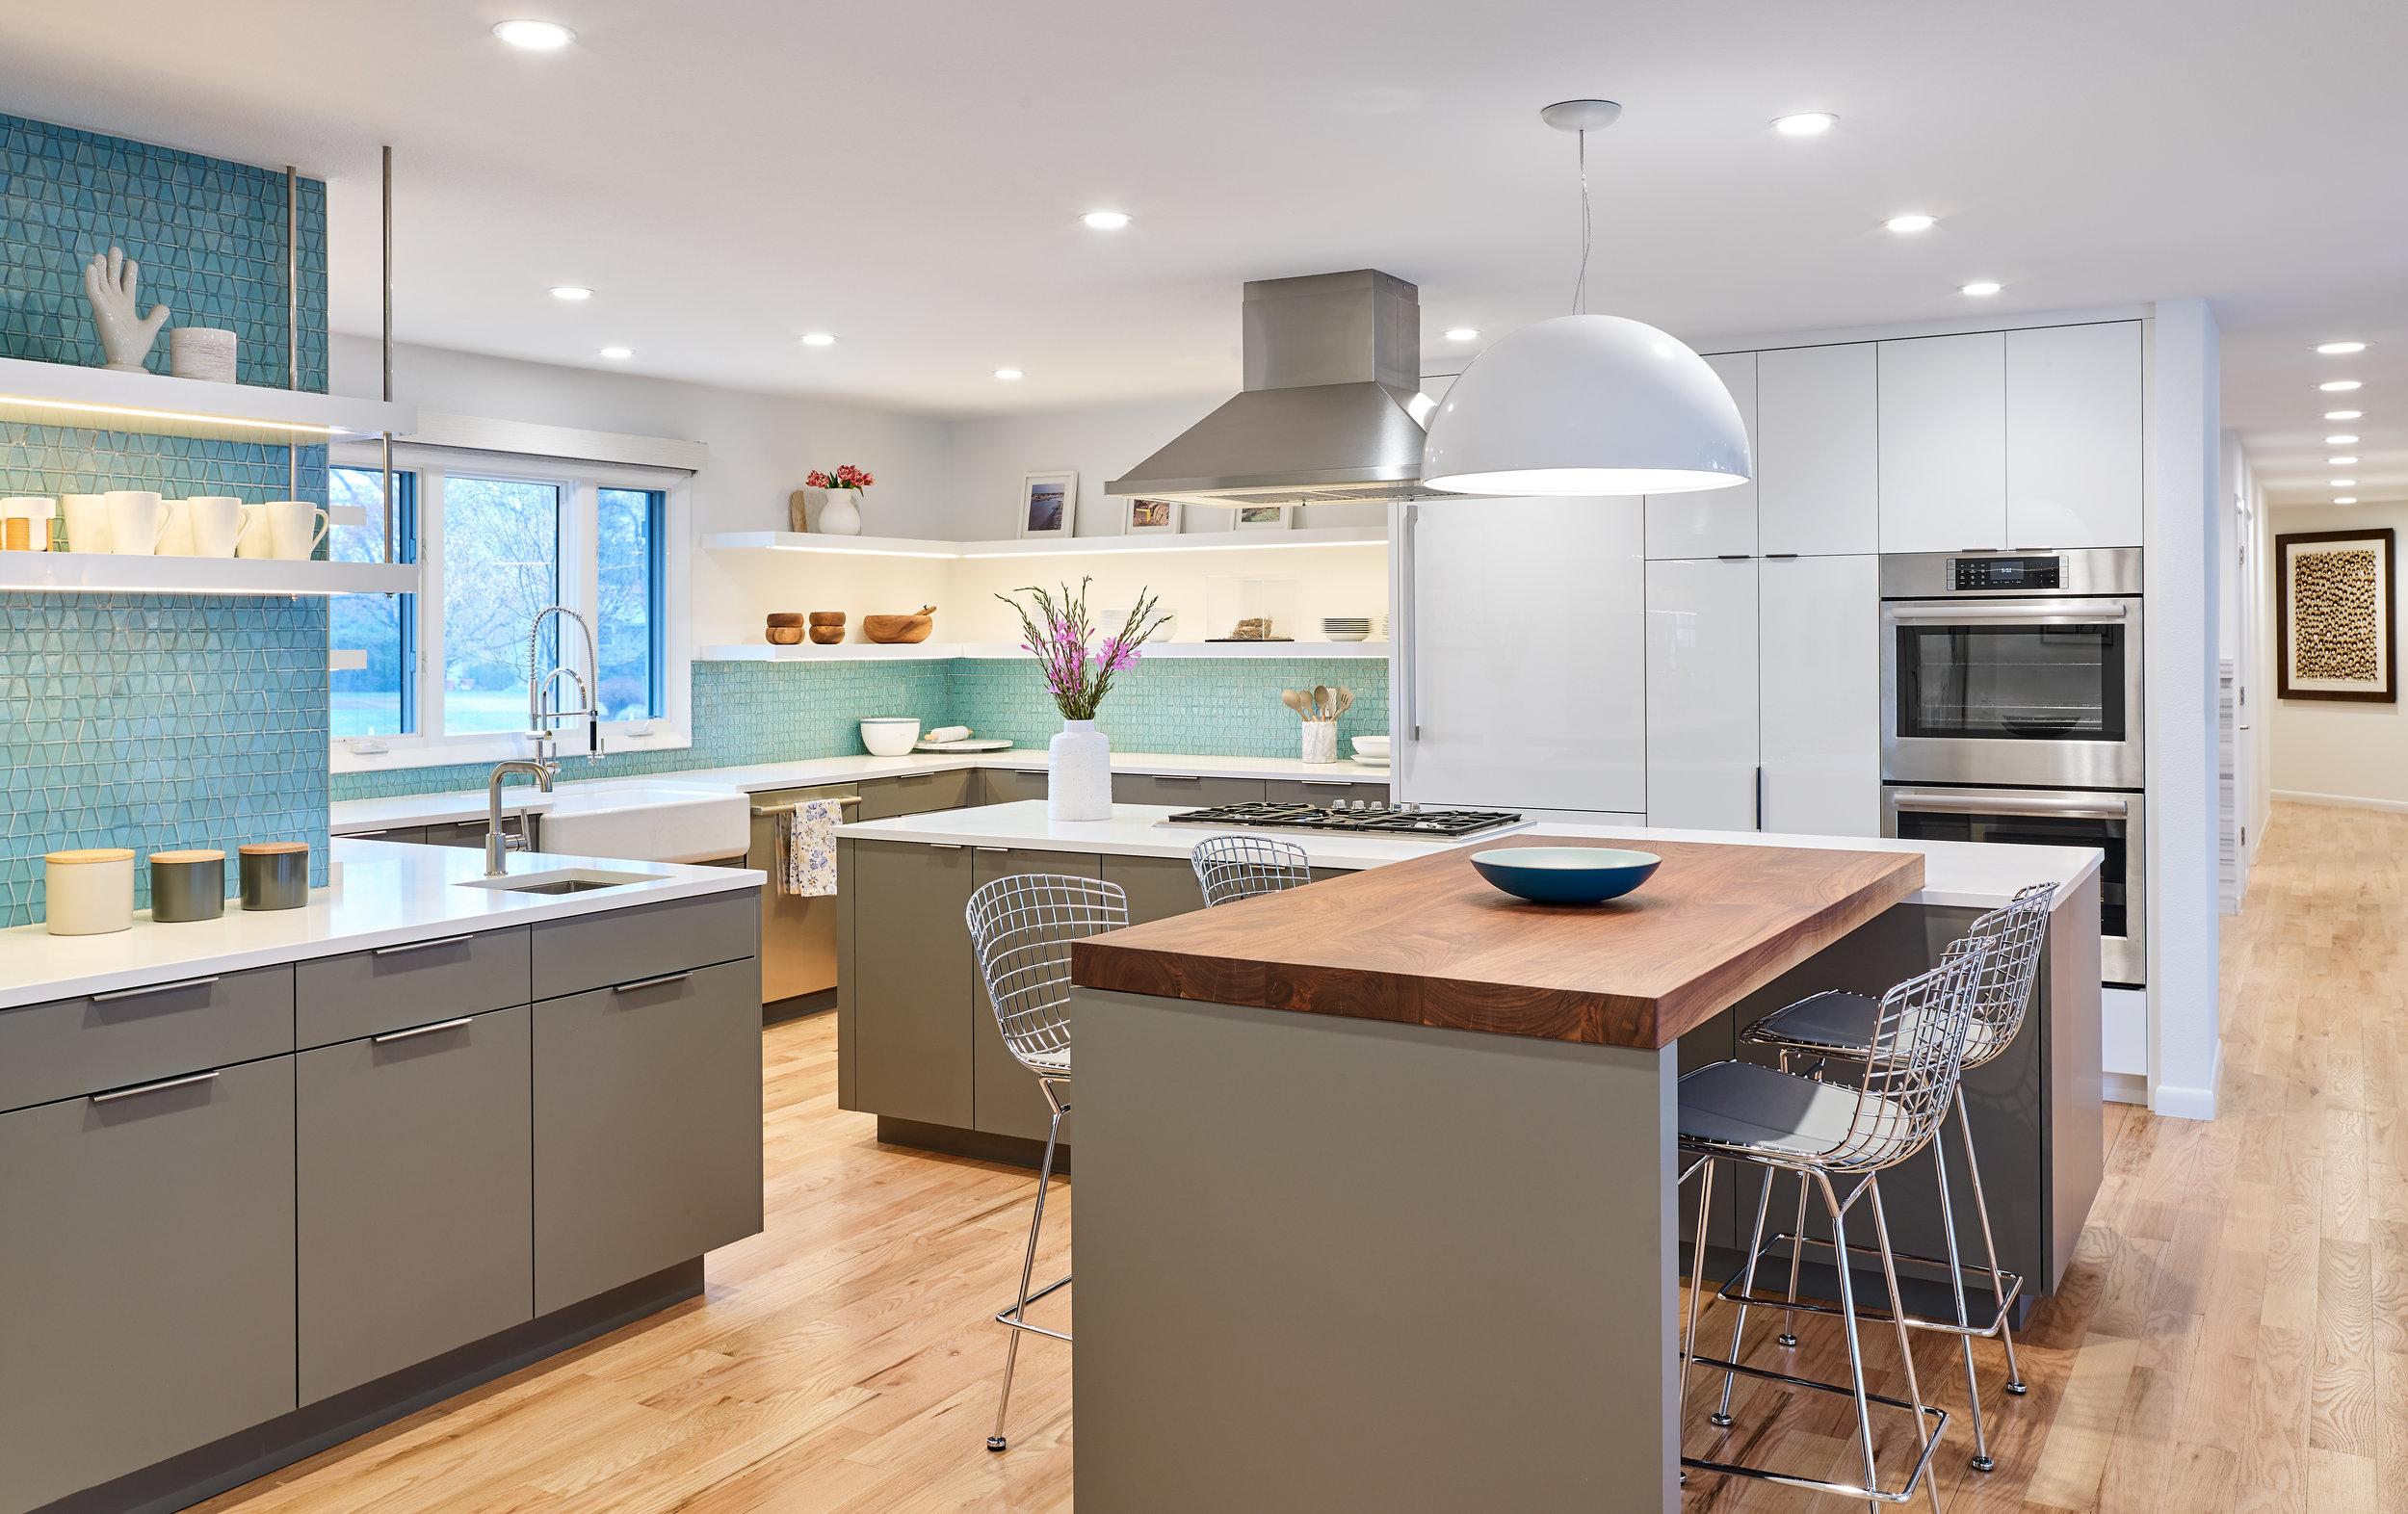 WEB_pam_sinclaire_kenney_kitchen_85095.jpg